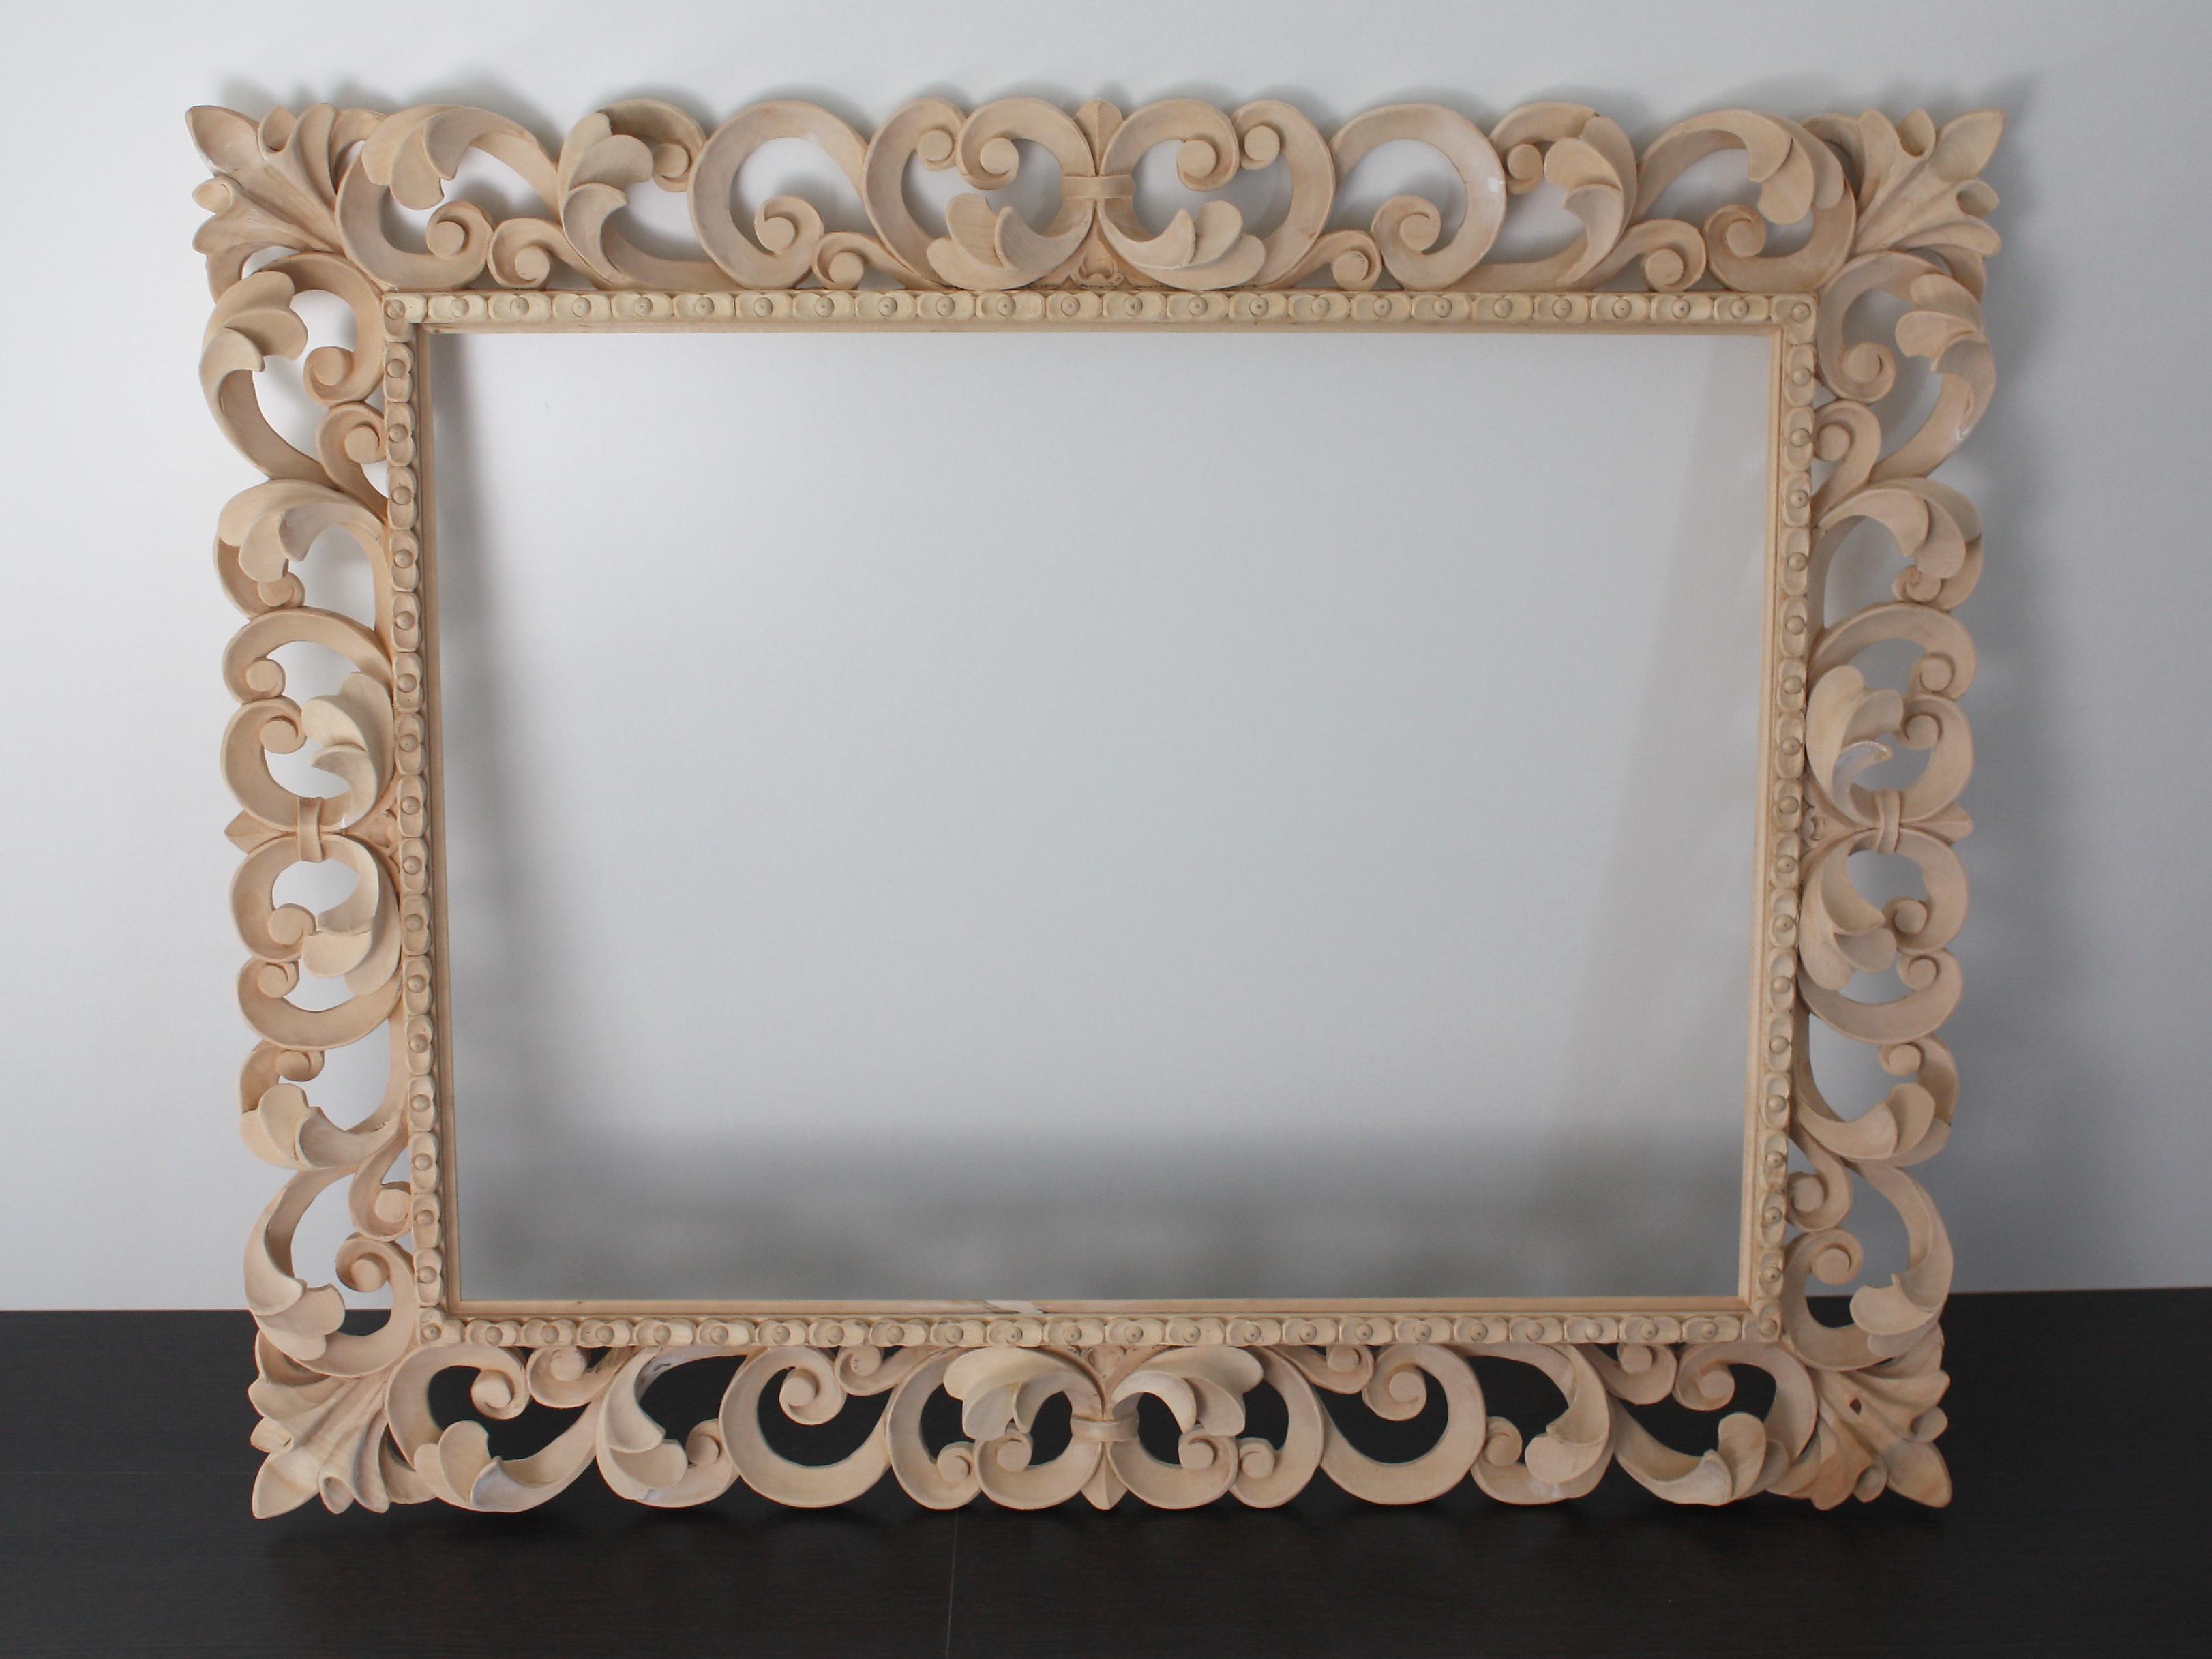 Affordable specchi particolari per soggiorno trova le - Specchi particolari per bagno ...